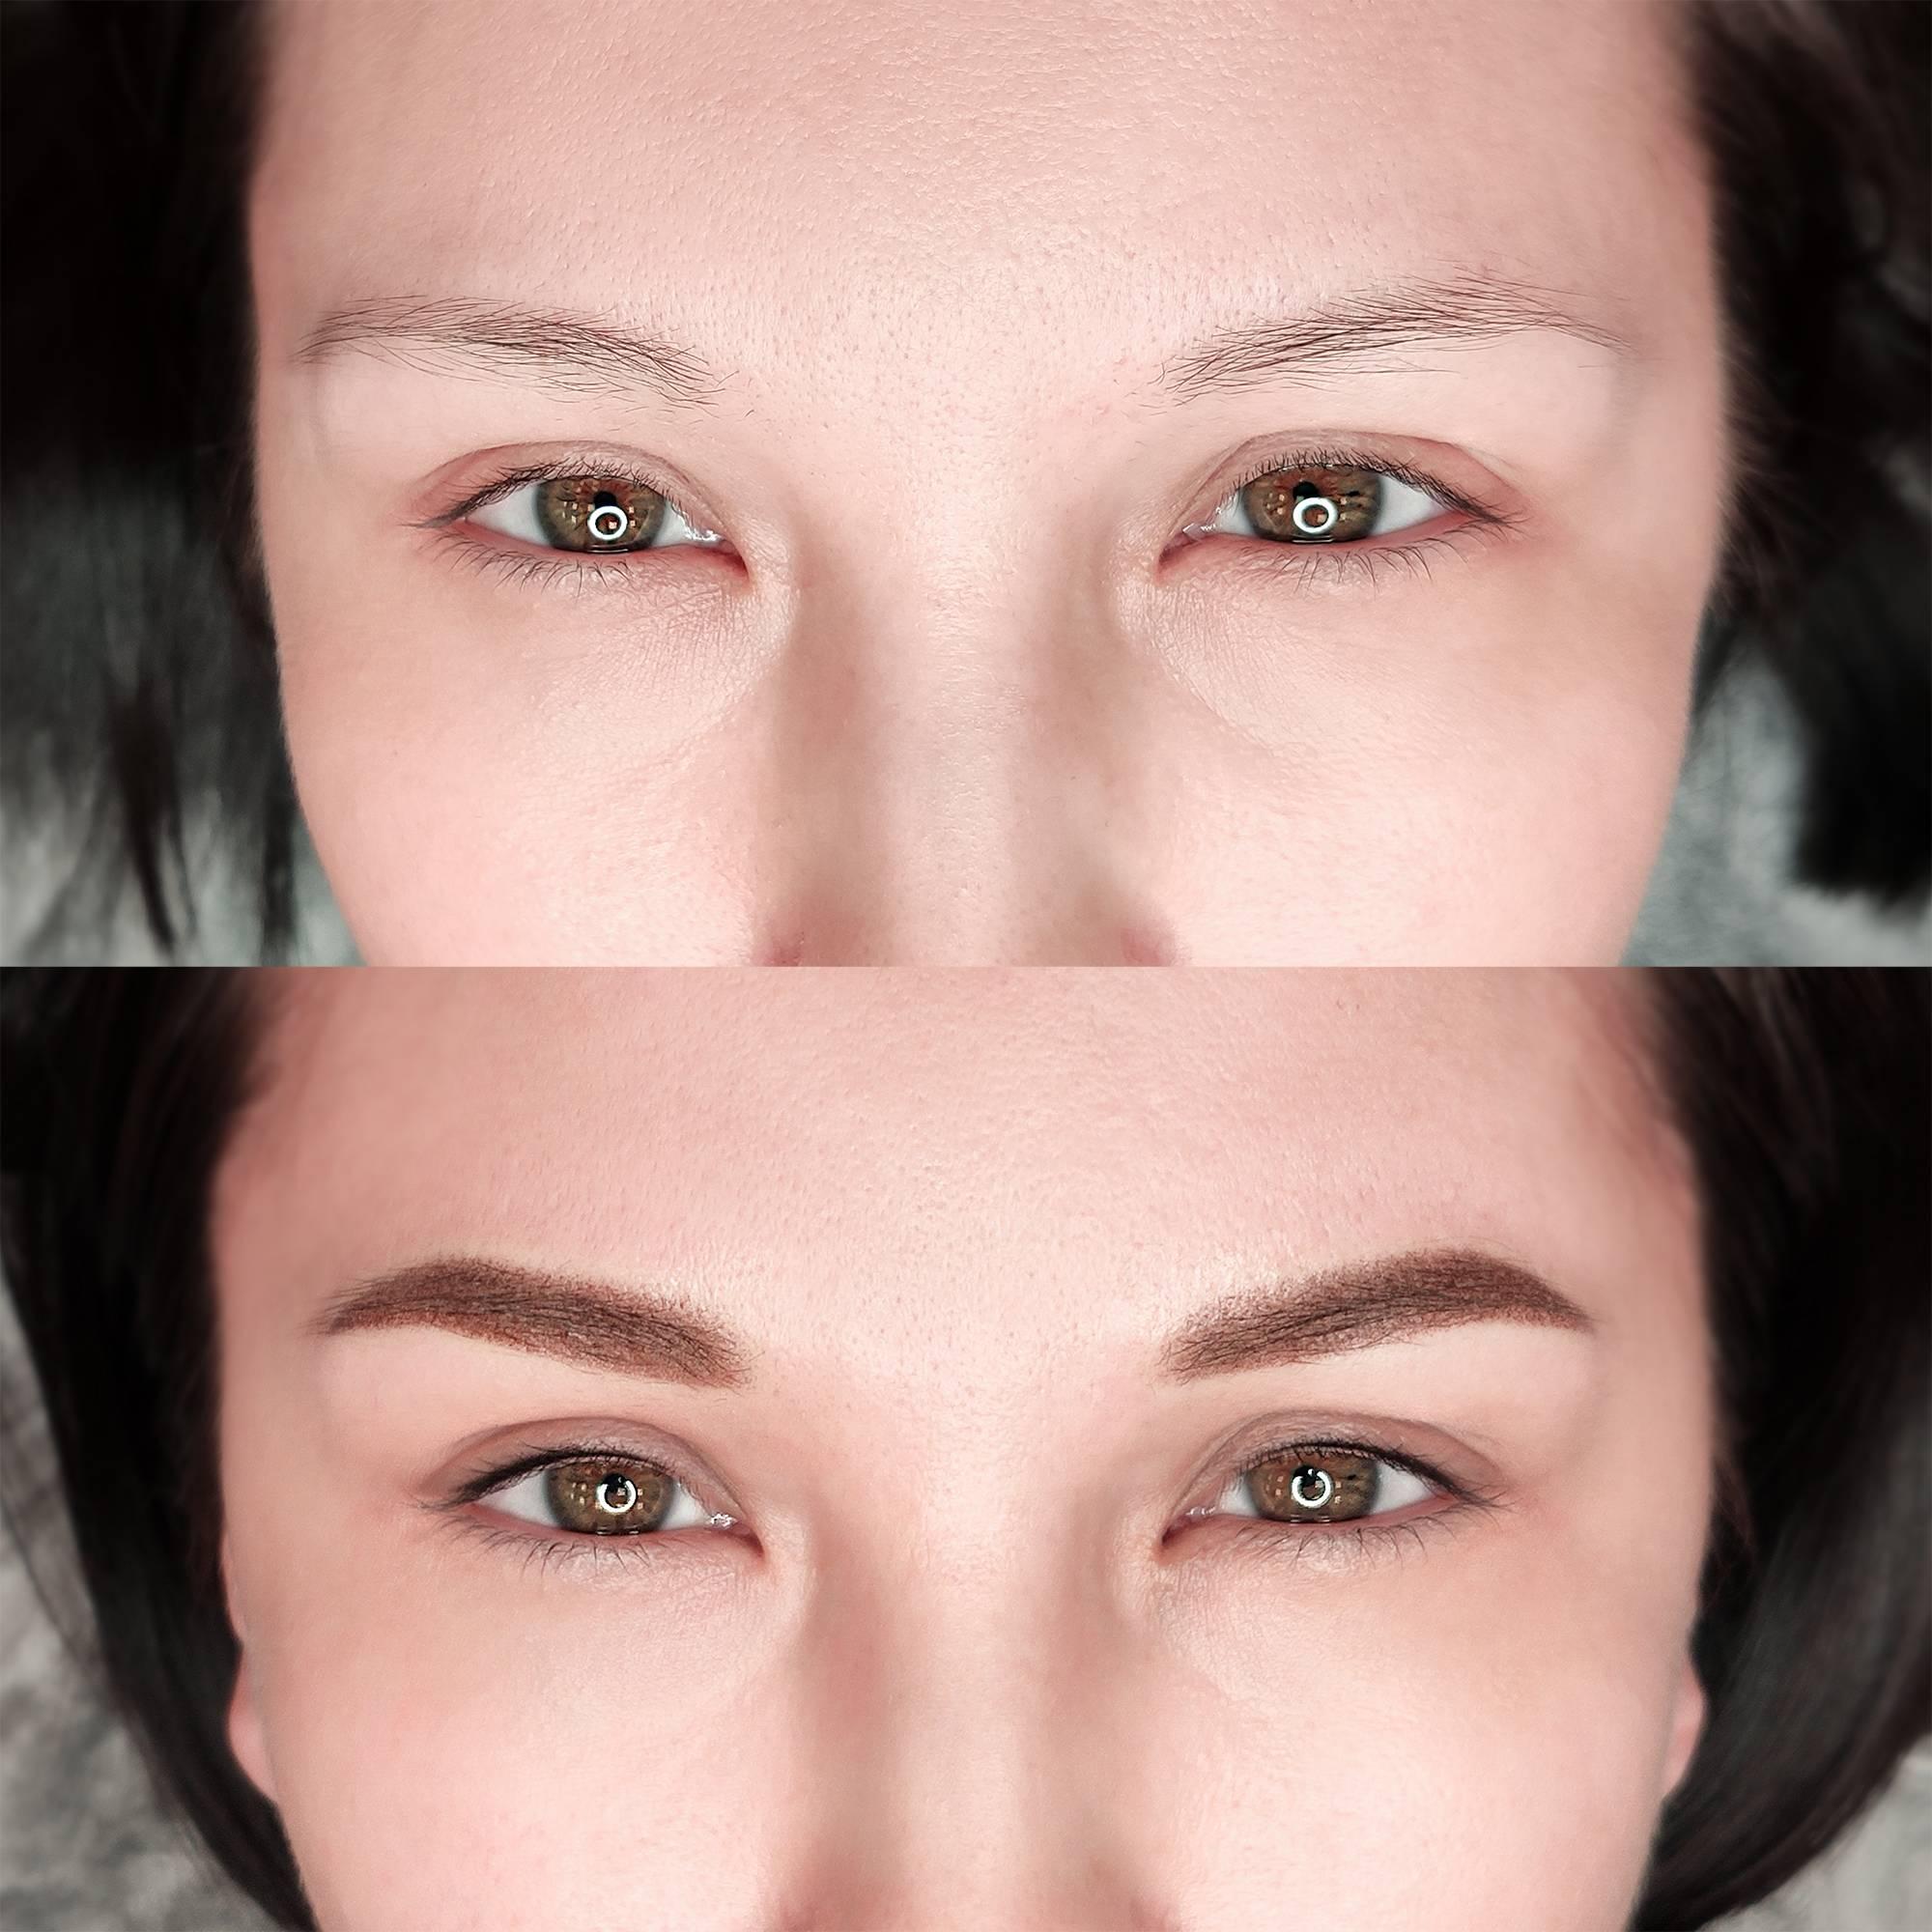 Модный татуаж глаз. до и после перманентного макияжа глаз.